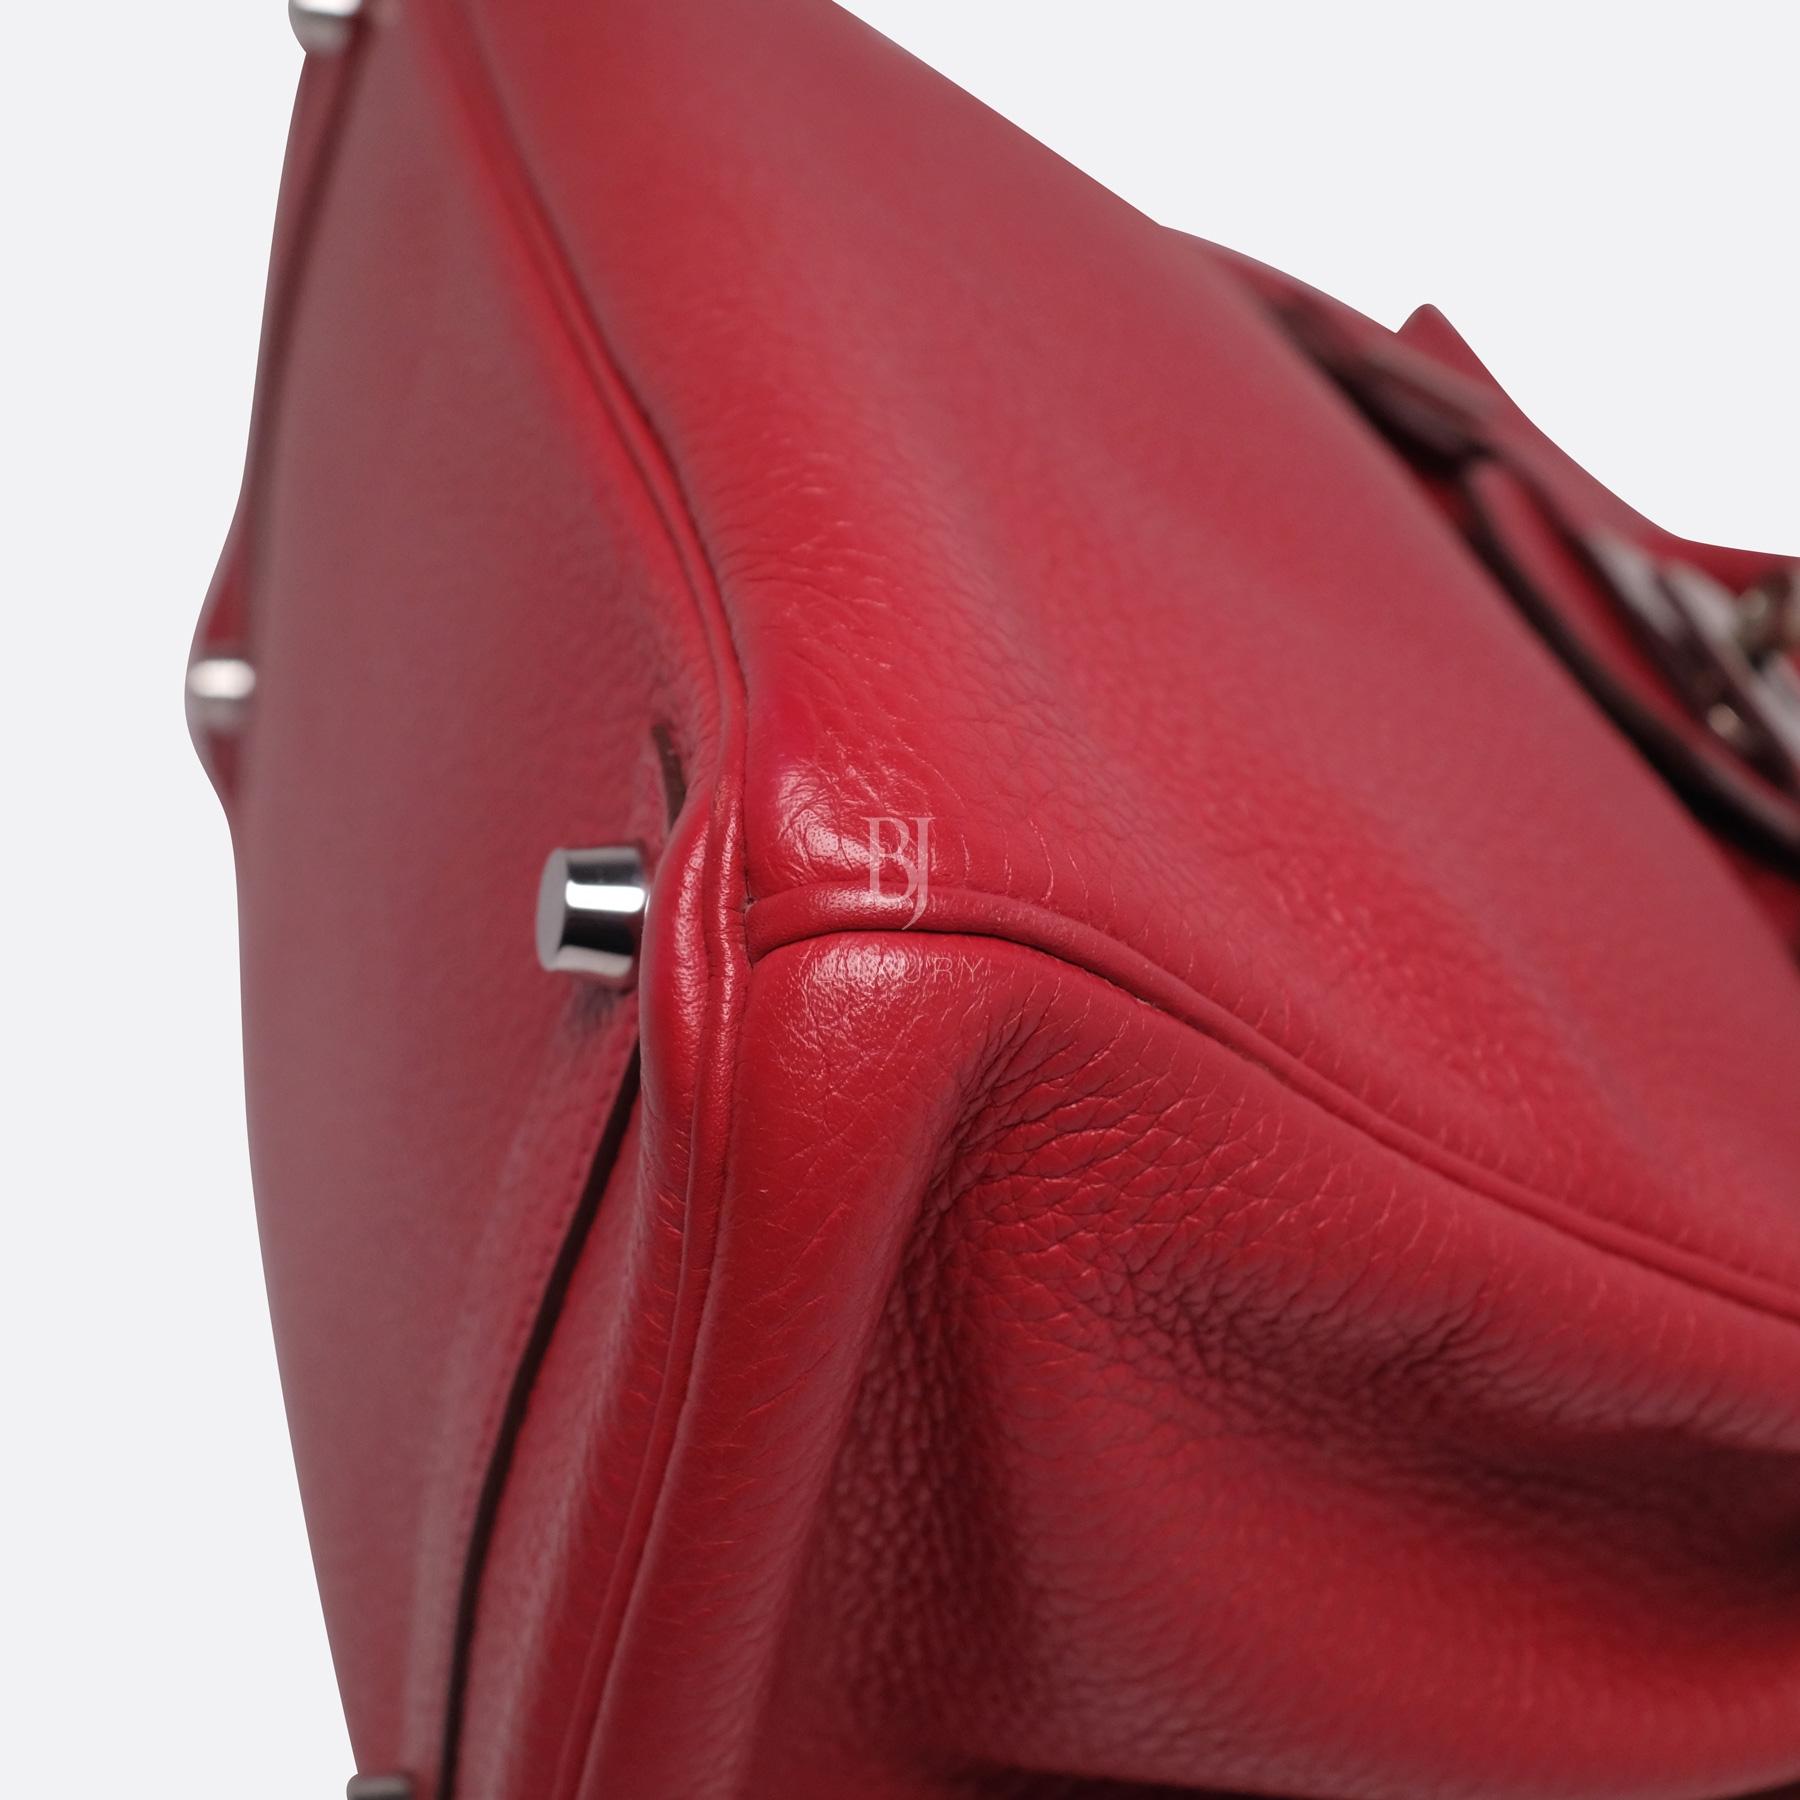 Hermes Birkin 30 Rouge Casaque Clemence Palladium BJ Luxury 17.jpg